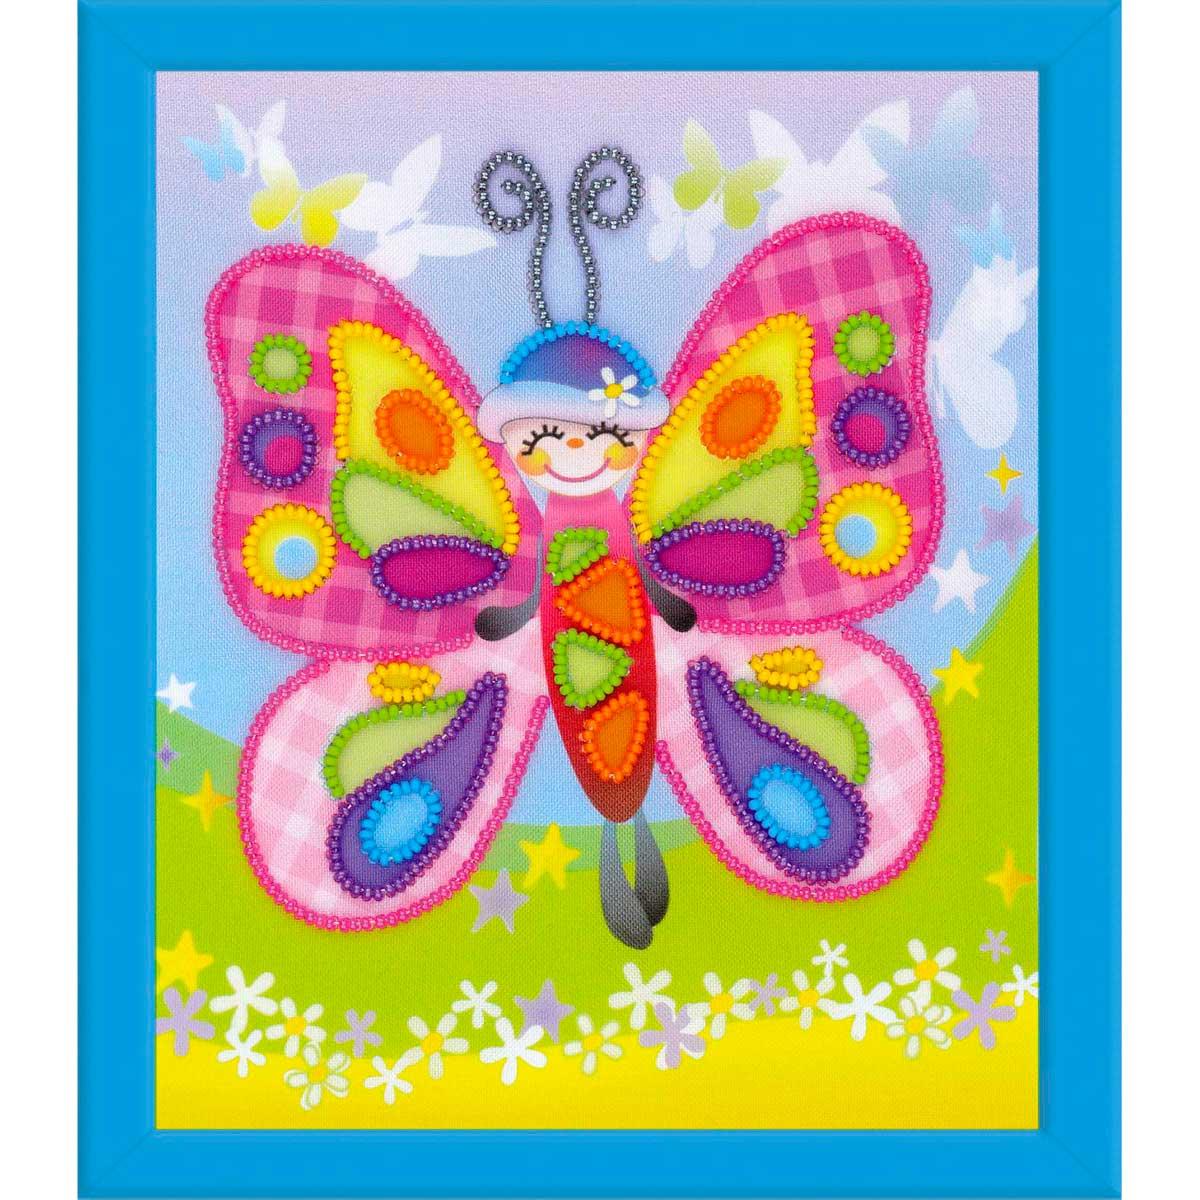 РТ-0061 Частичная вышивка Riolis 'Сказочная бабочка', 15*18 см